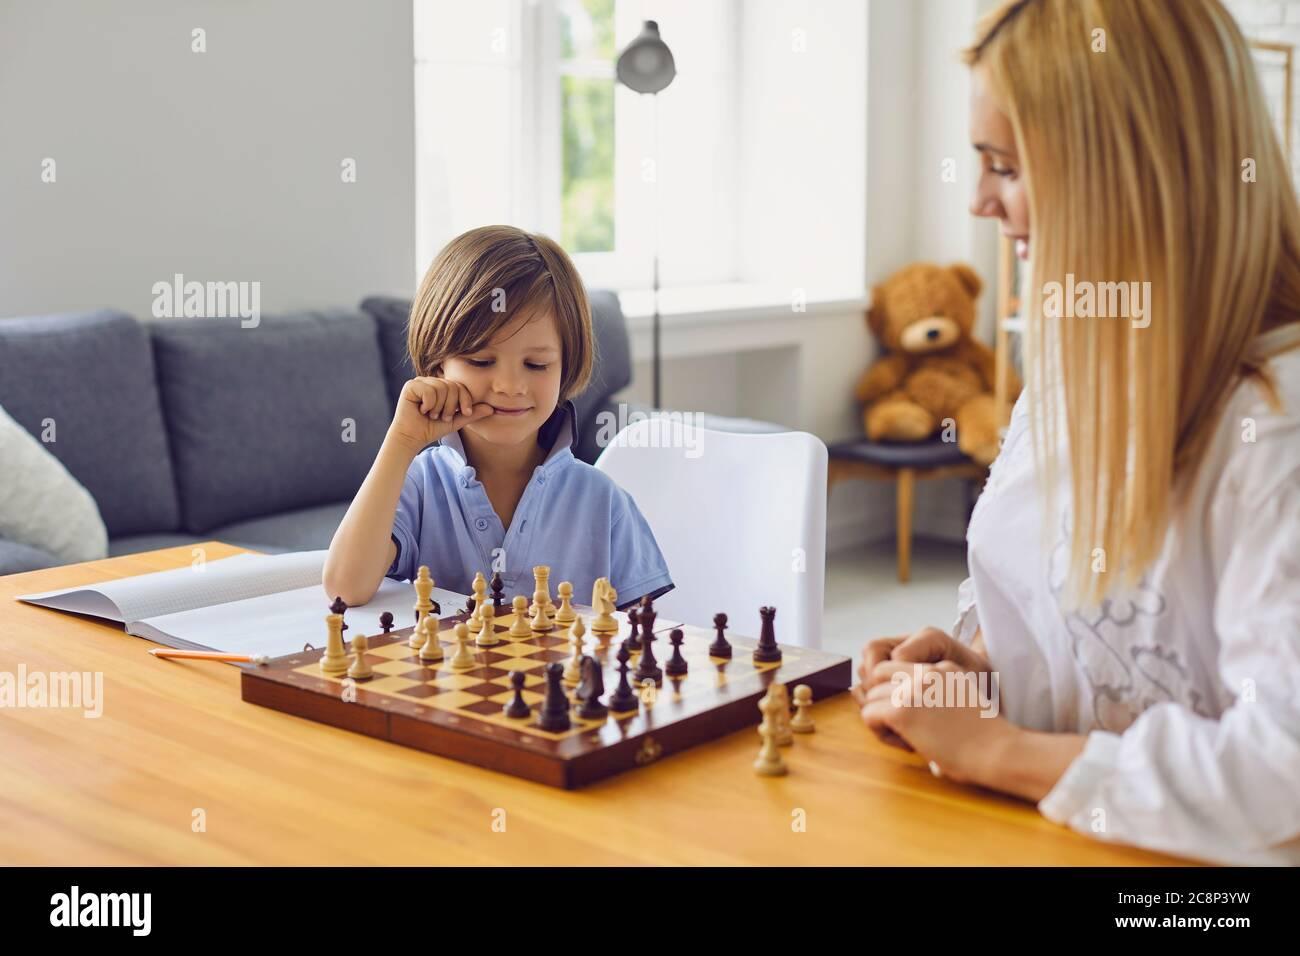 Passe-temps en famille. Jeune mère jouant aux échecs avec son fils à la maison. Un petit garçon s'est engagé dans un jeu de société avec son parent dans la chambre Banque D'Images